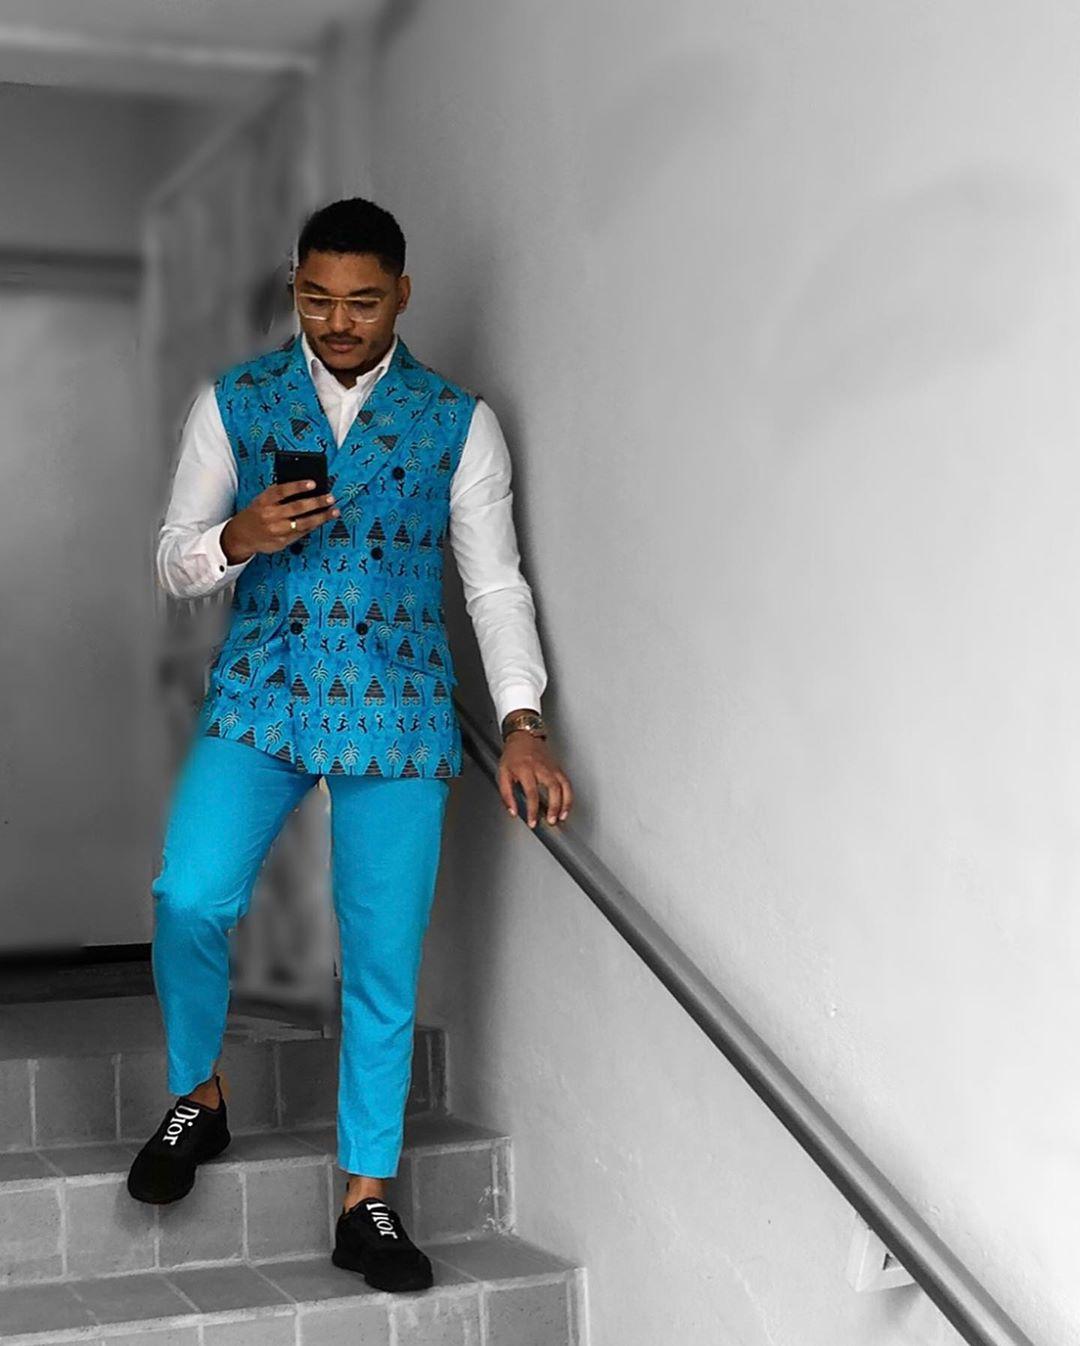 Tiago Rodrigues - Tiago deixou uma nota muito importante! O padrão africano na alfaiataria, que ainda deixa alguma insegurança para alguns homens.Muito bem Tiago!